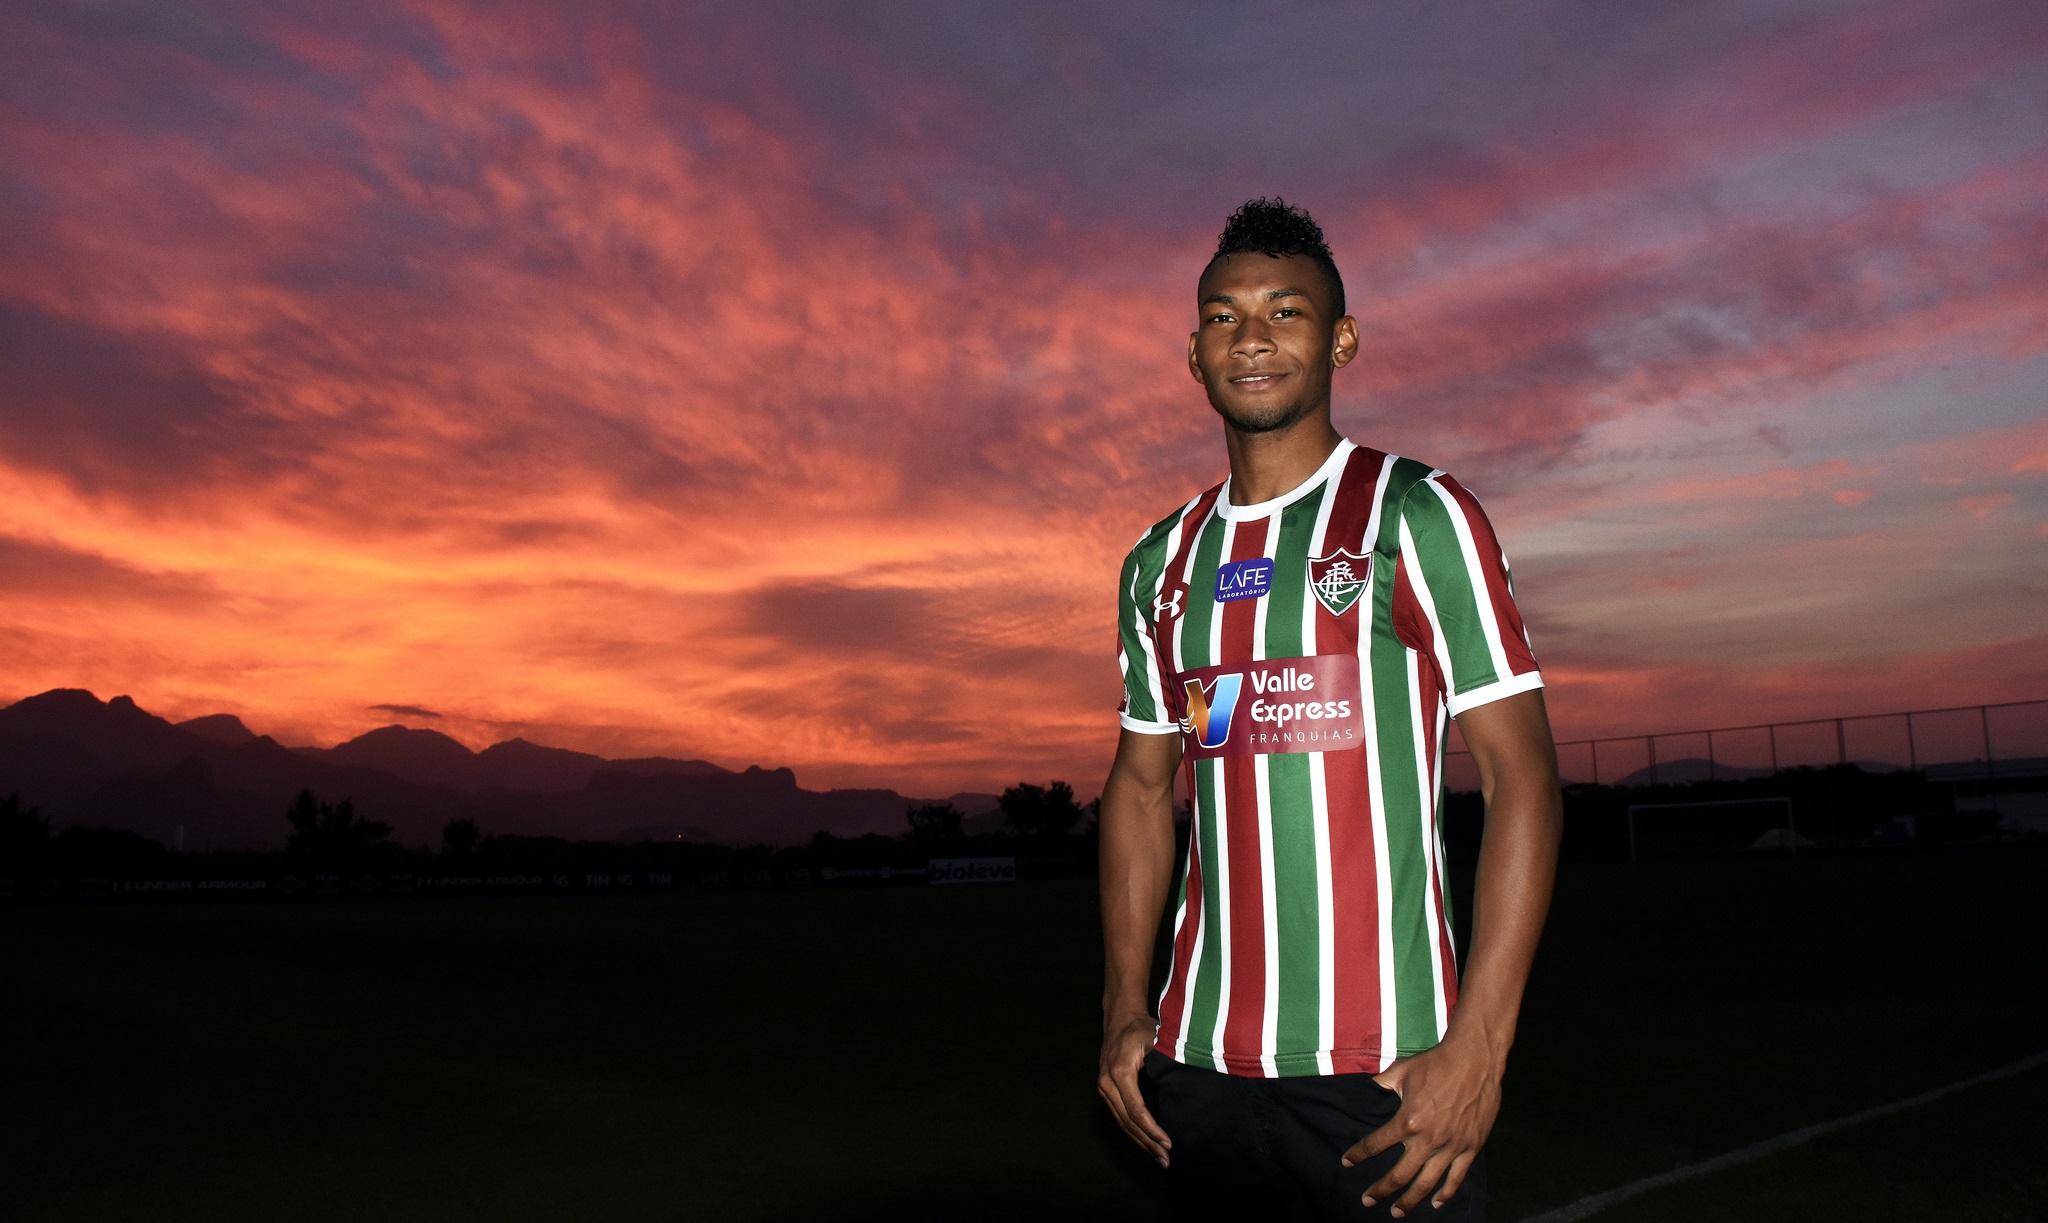 a06ecf1dfa É um privilégio e uma honra muito grande voltar à América do Sul para  recuperar meu futebol em um grande clube